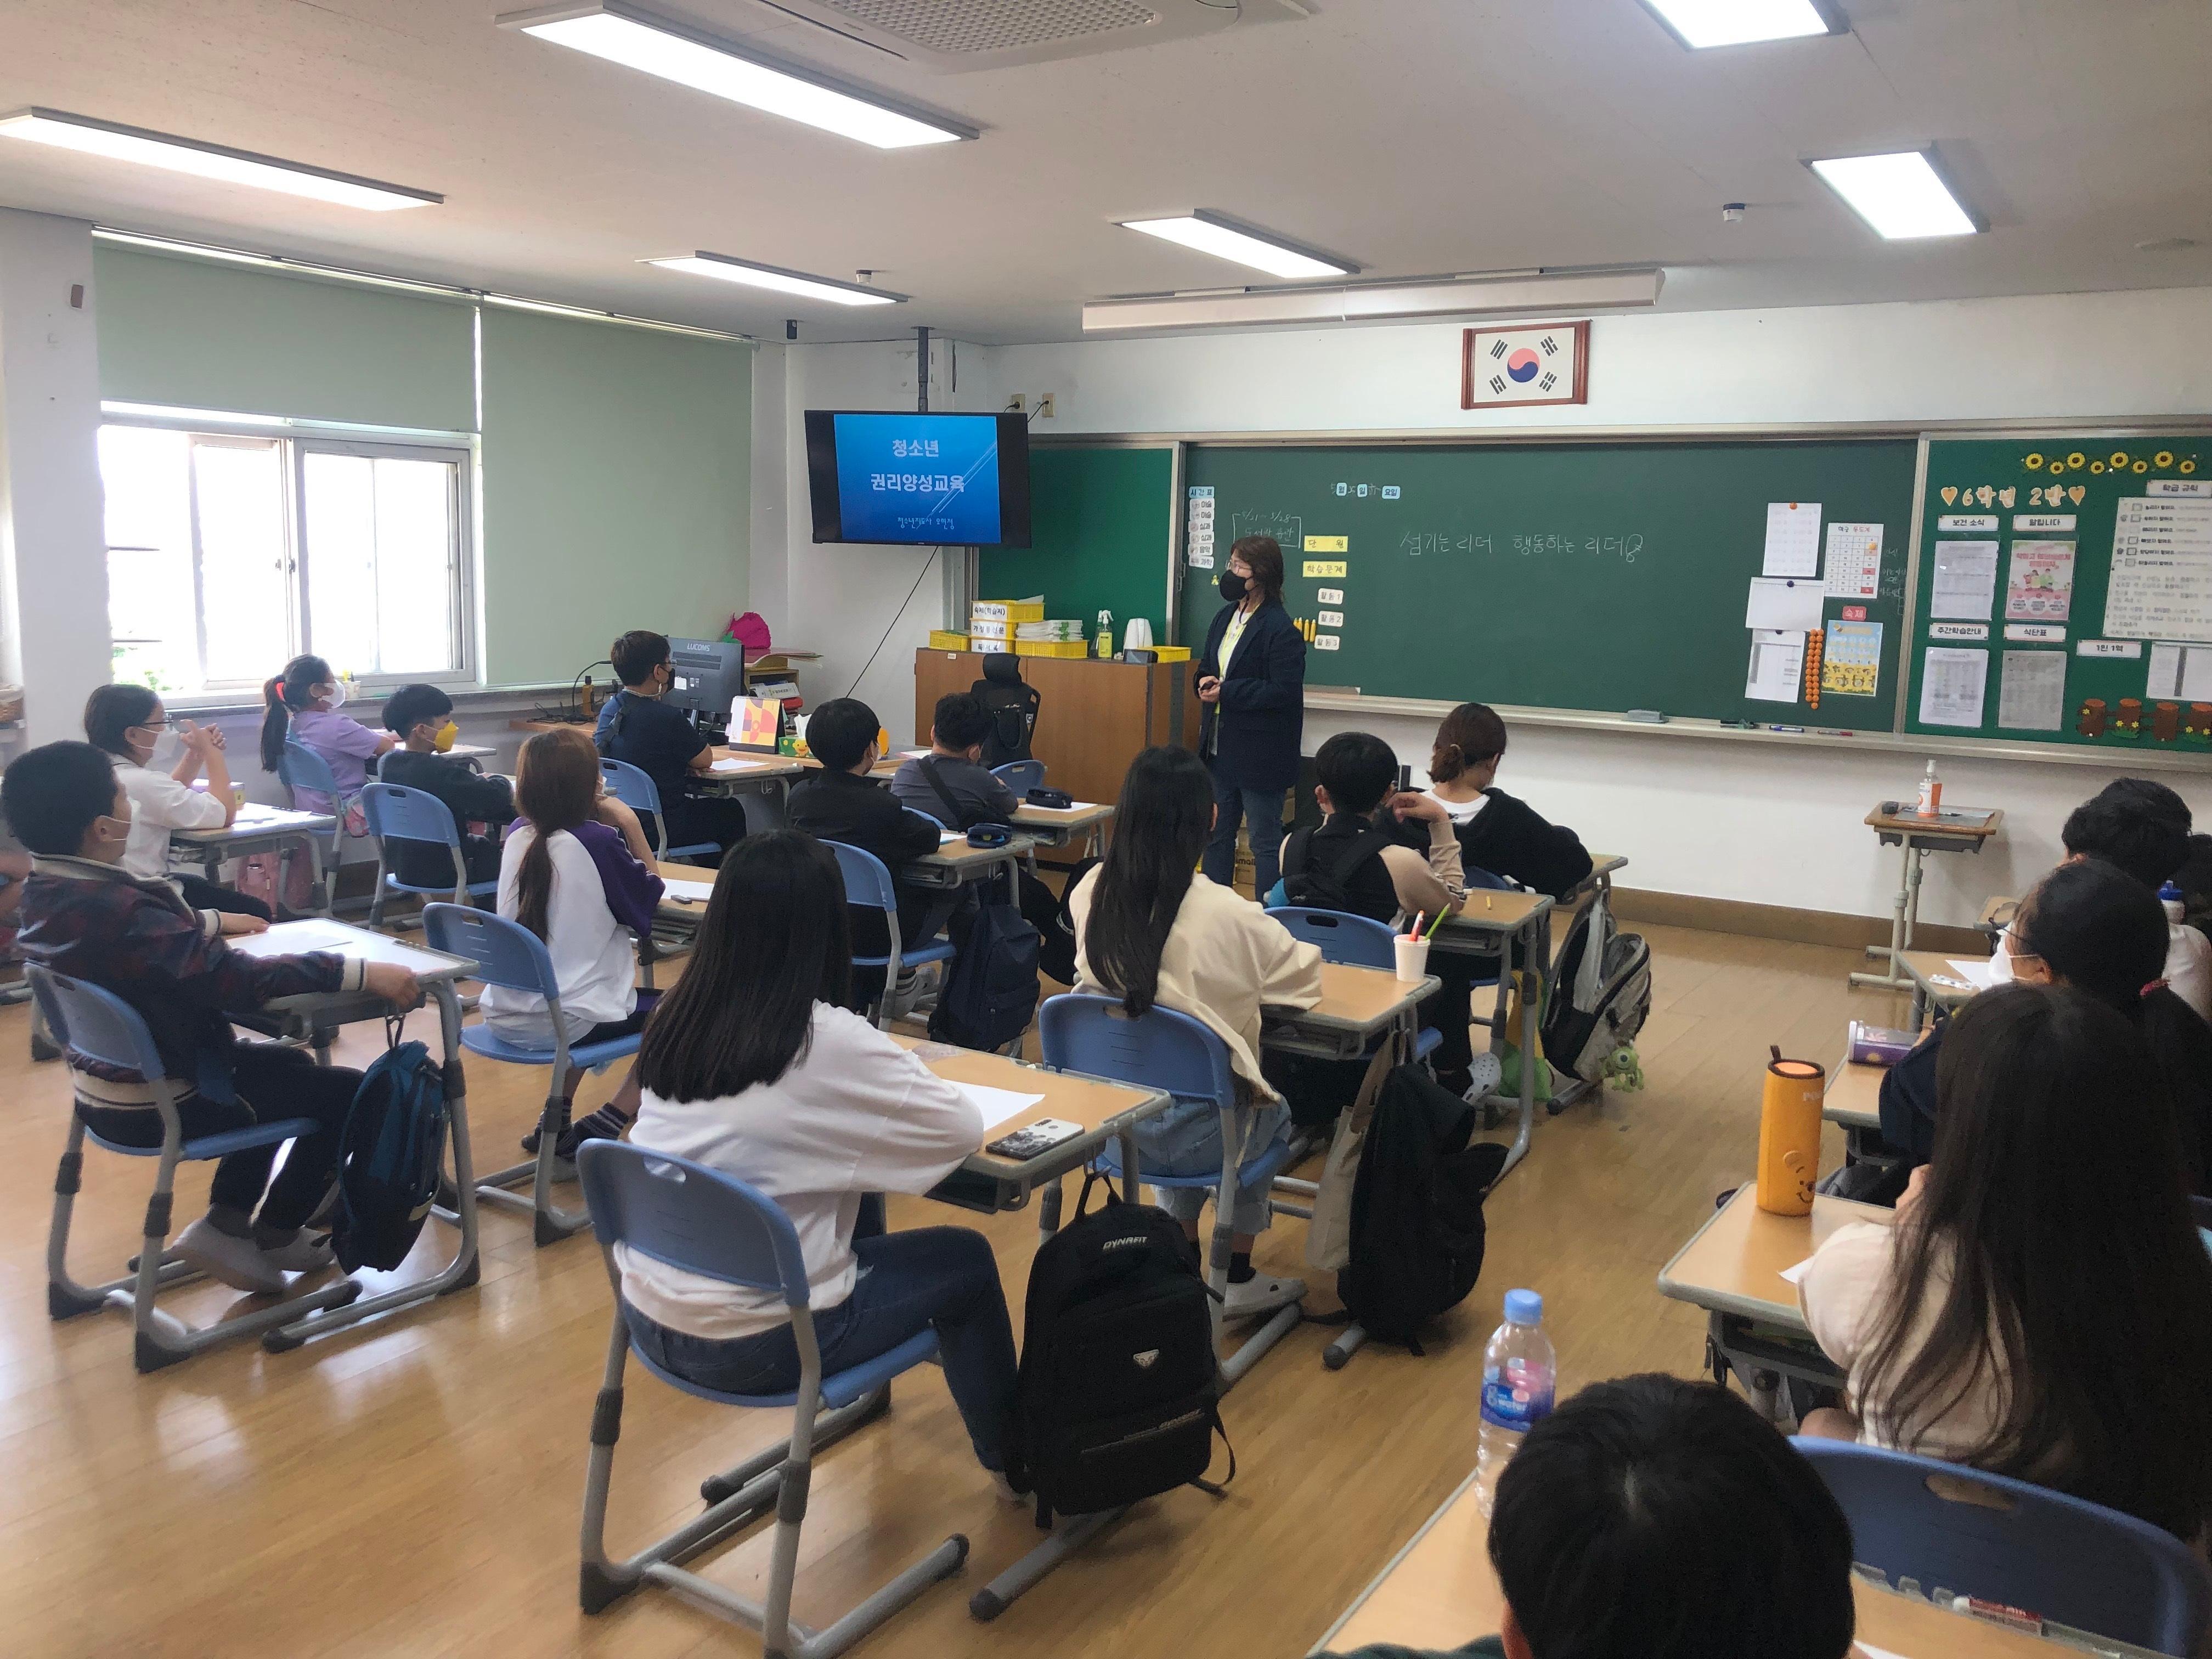 평택시 북부청소년문화의집, 서정리초등학교 [청소년 임원 리더십 교육] 진행1